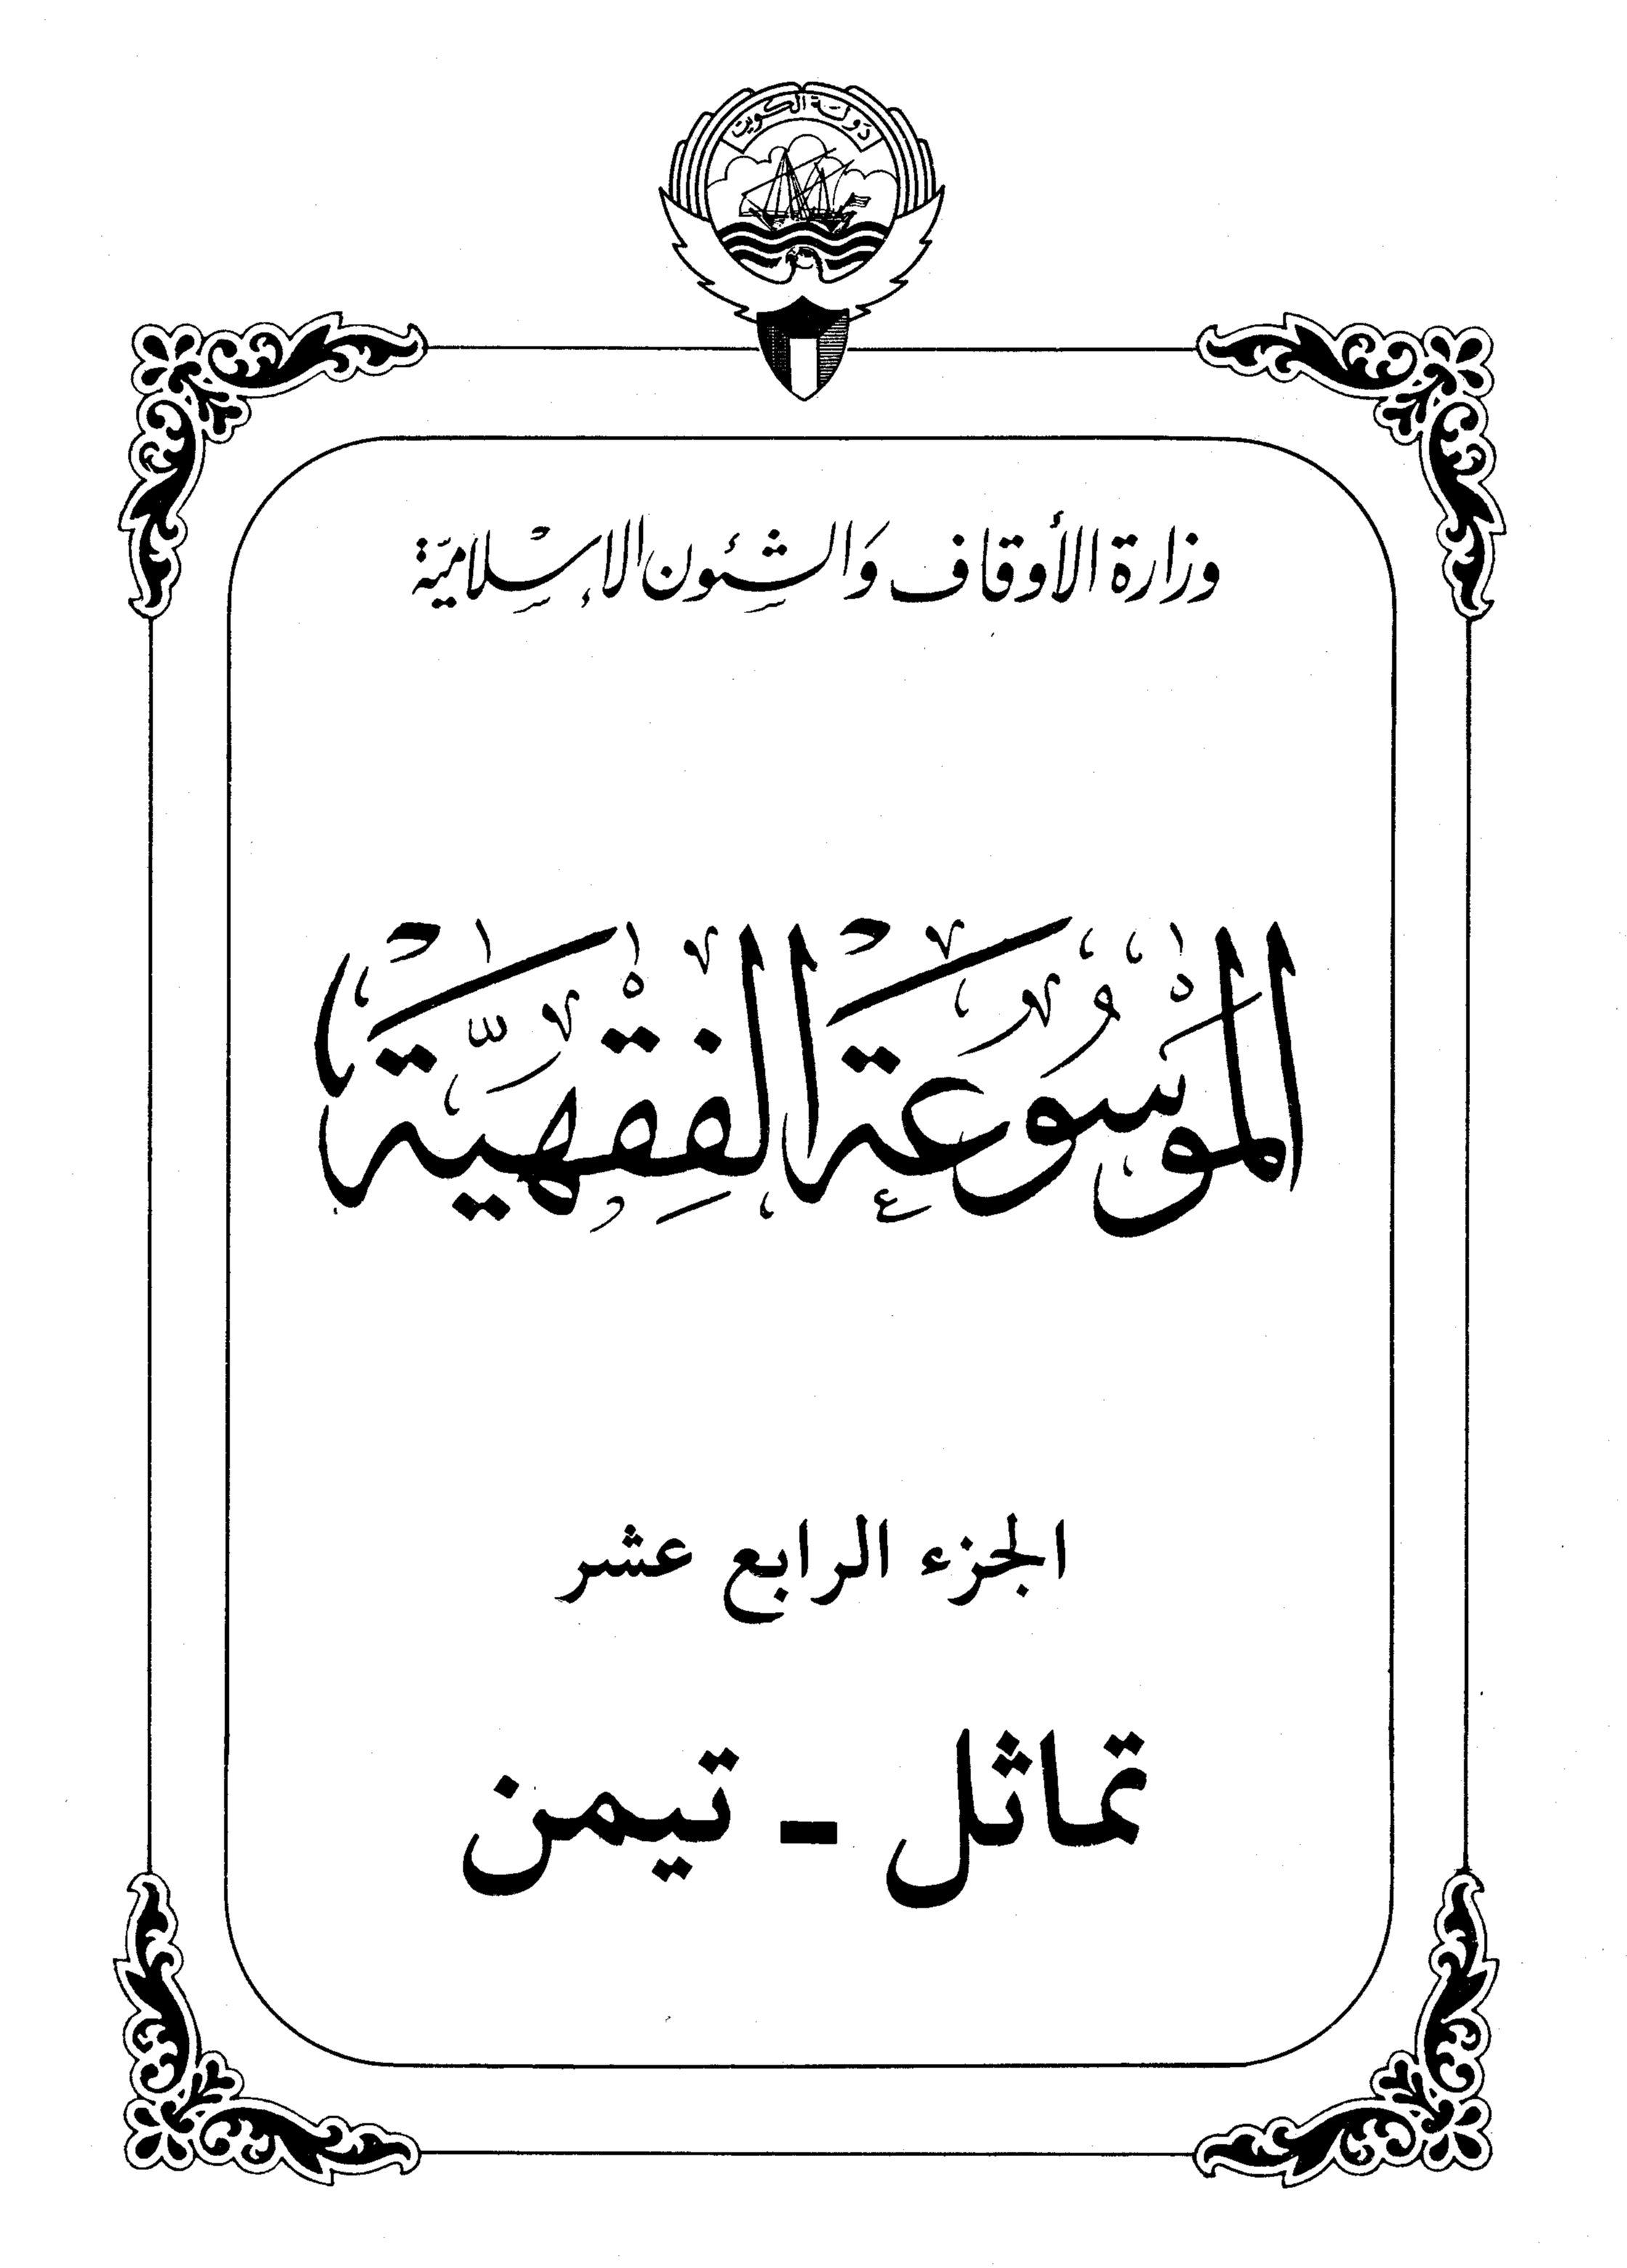 الموسوعة الفقهية الكويتية  – الجزء الرابع عشر (تماثل – تيمن)